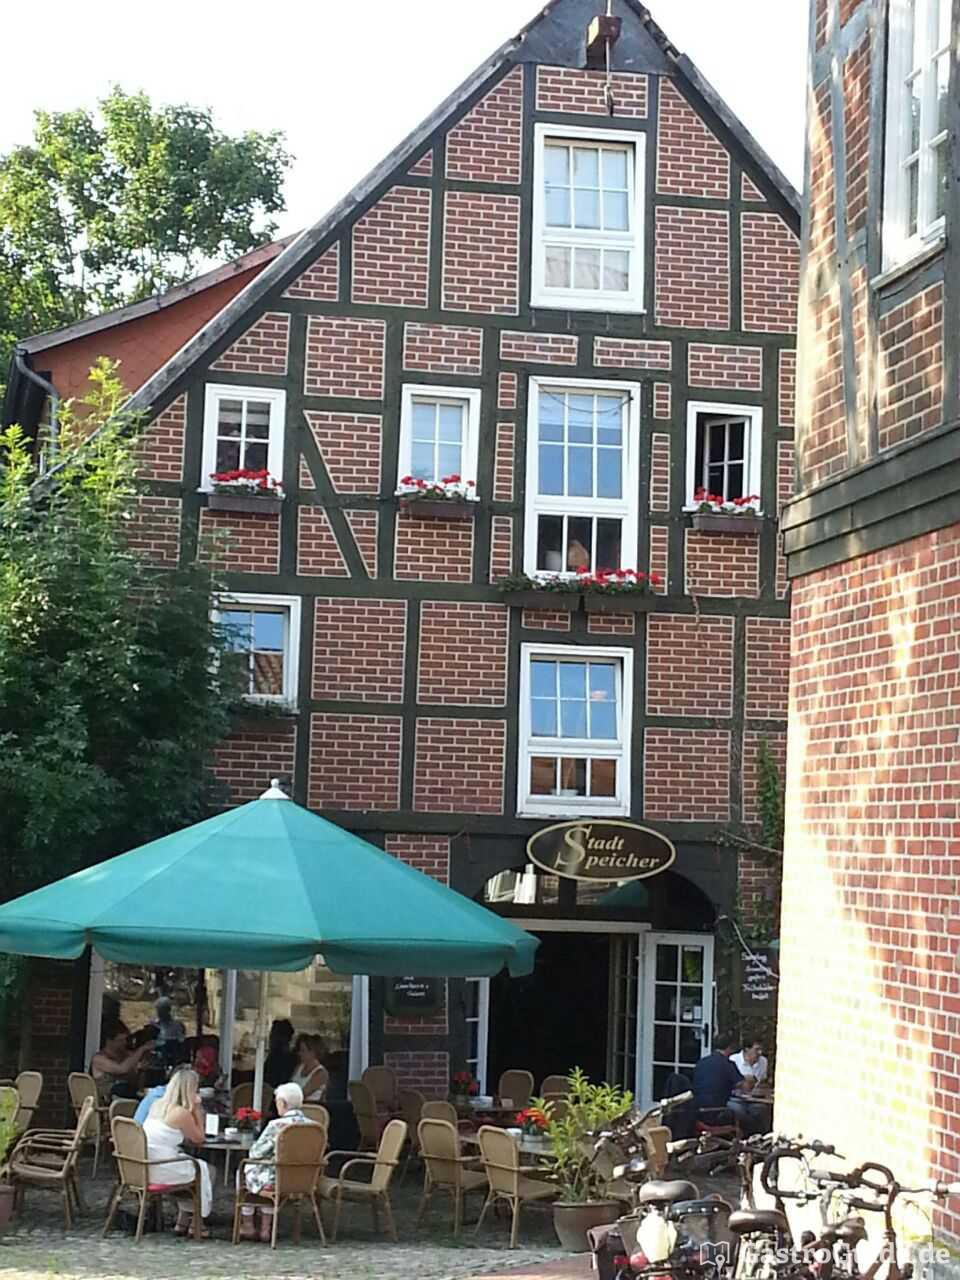 stadtspeicher restaurant biergarten in 27356 rotenburg w mme. Black Bedroom Furniture Sets. Home Design Ideas